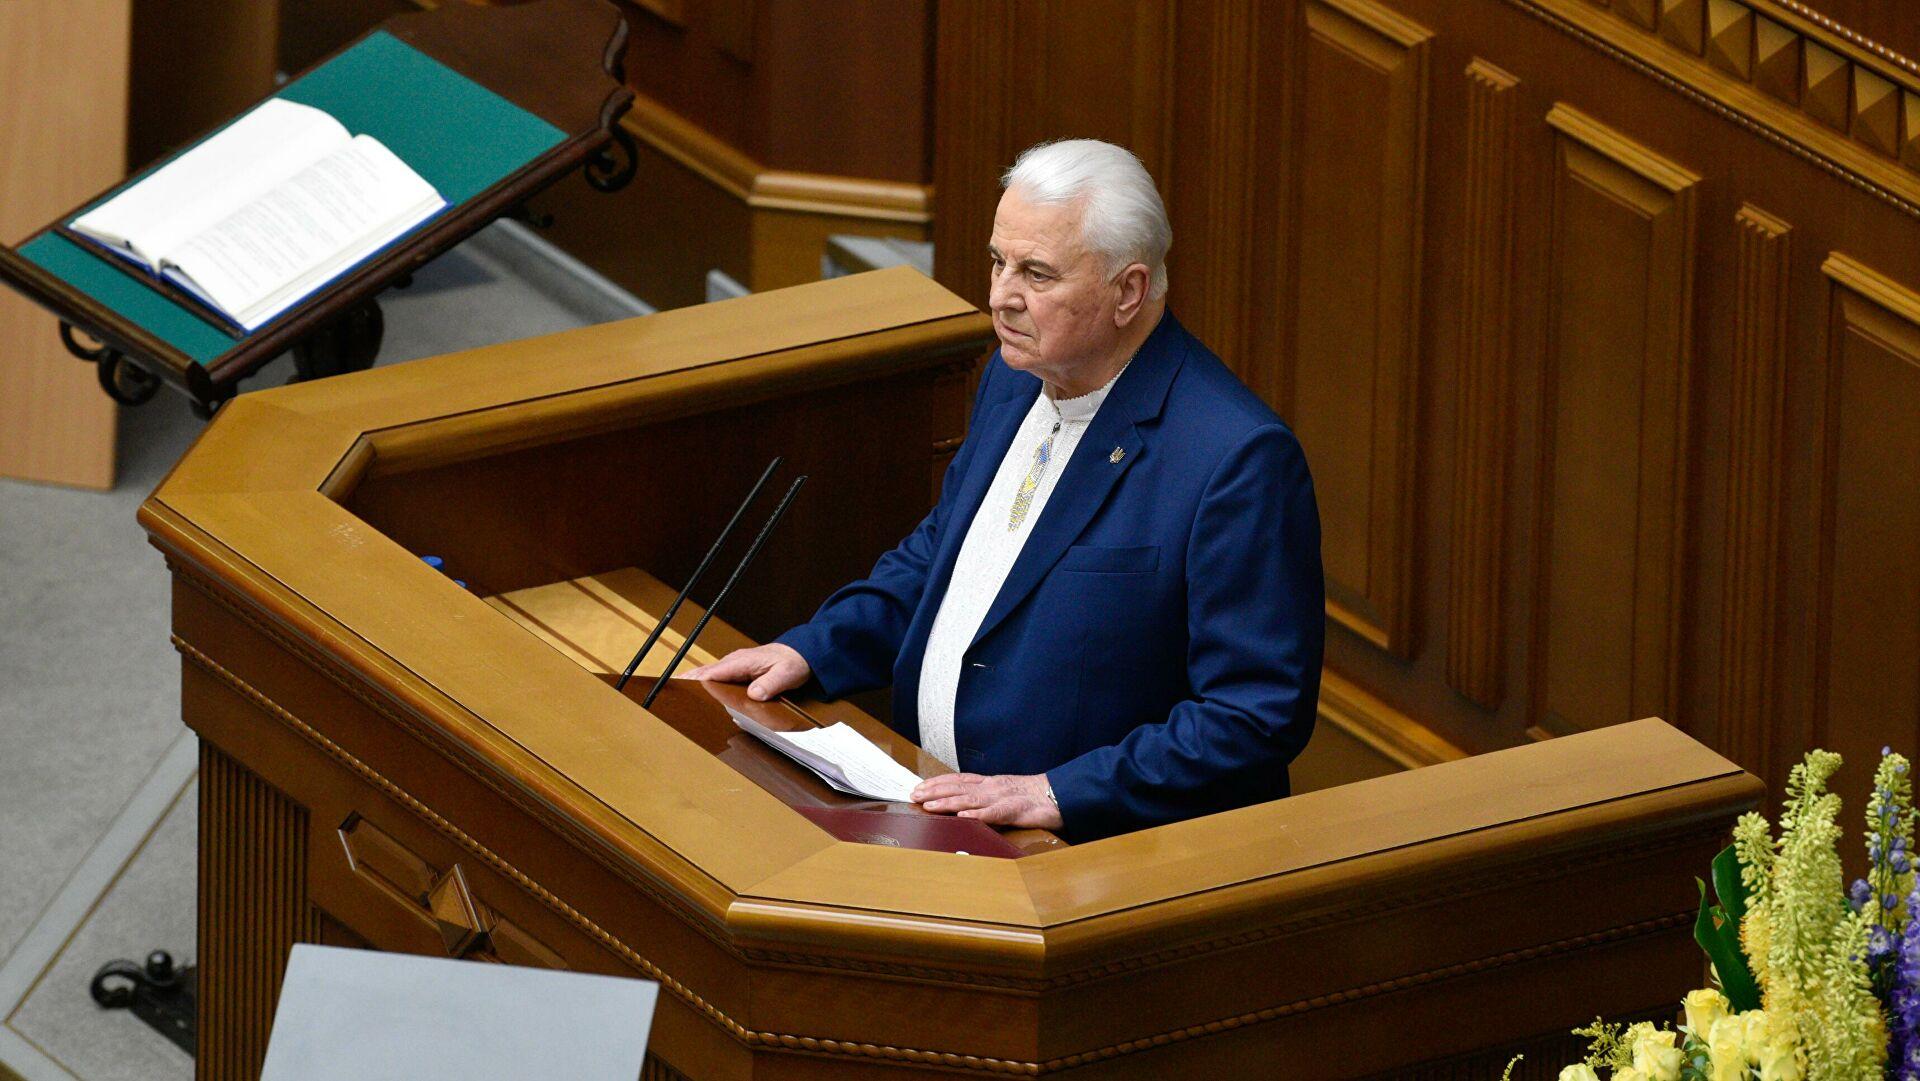 Кравчук перебуває в реанімації: рідні заборонили лікарям коментувати стан першого президента